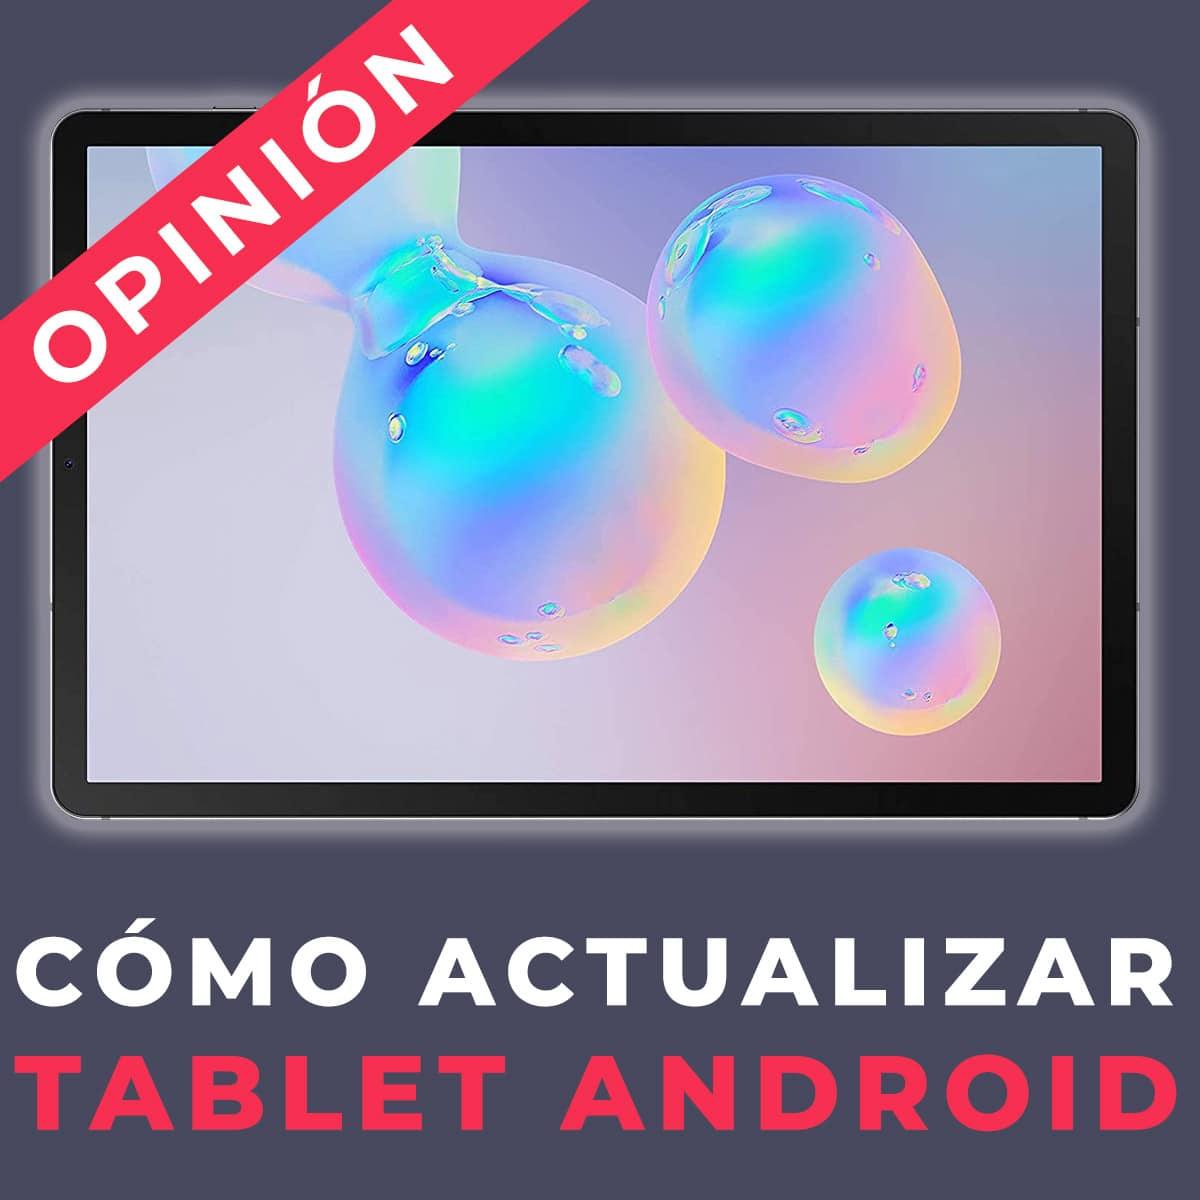 atualização tablet androide